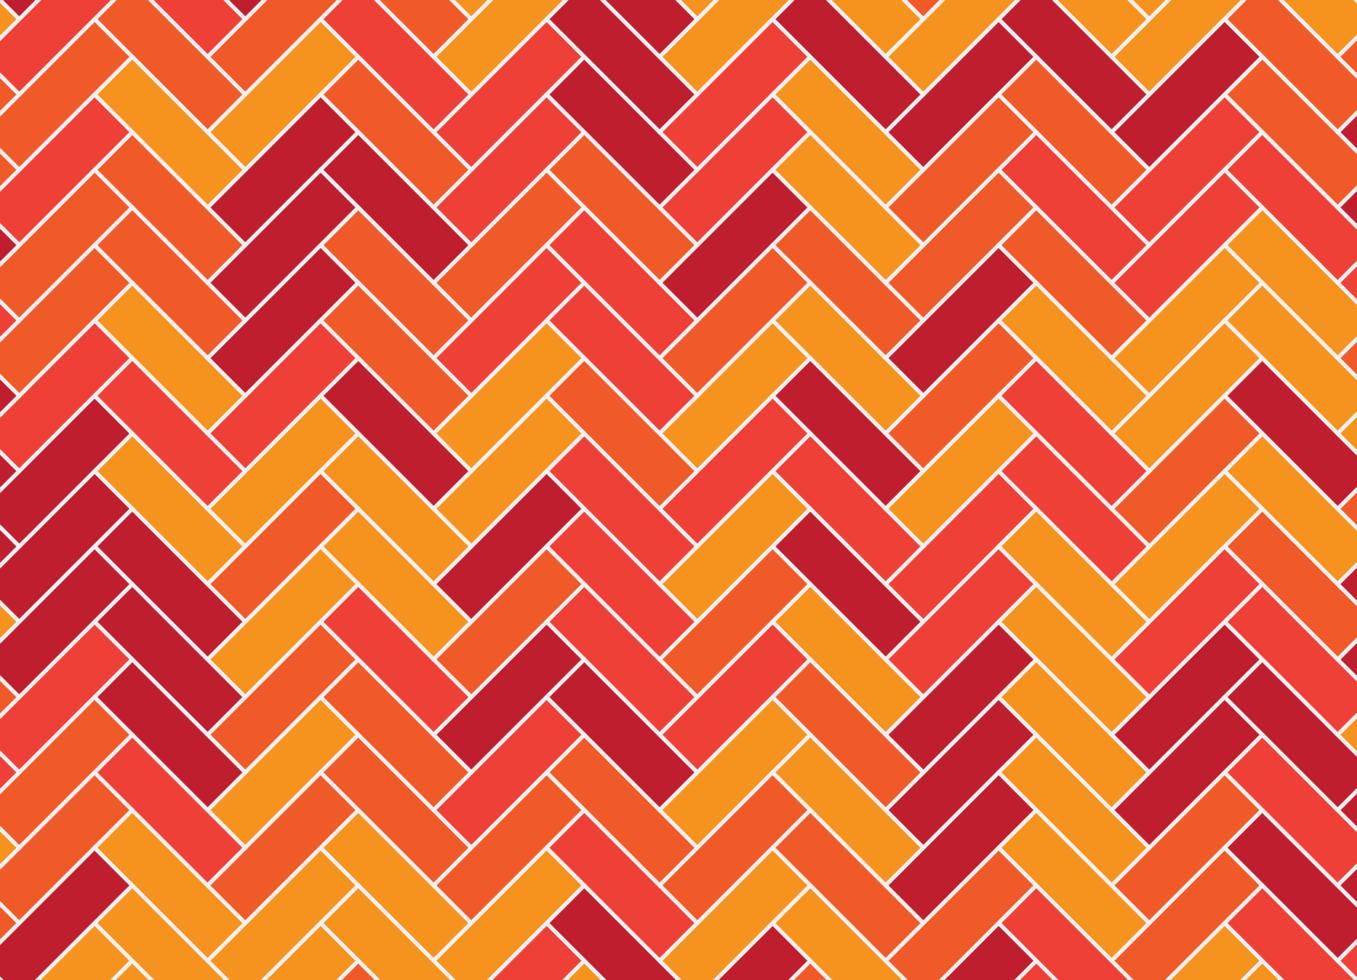 buntes rotes orange und gelbes Fischgrätenmuster vektor